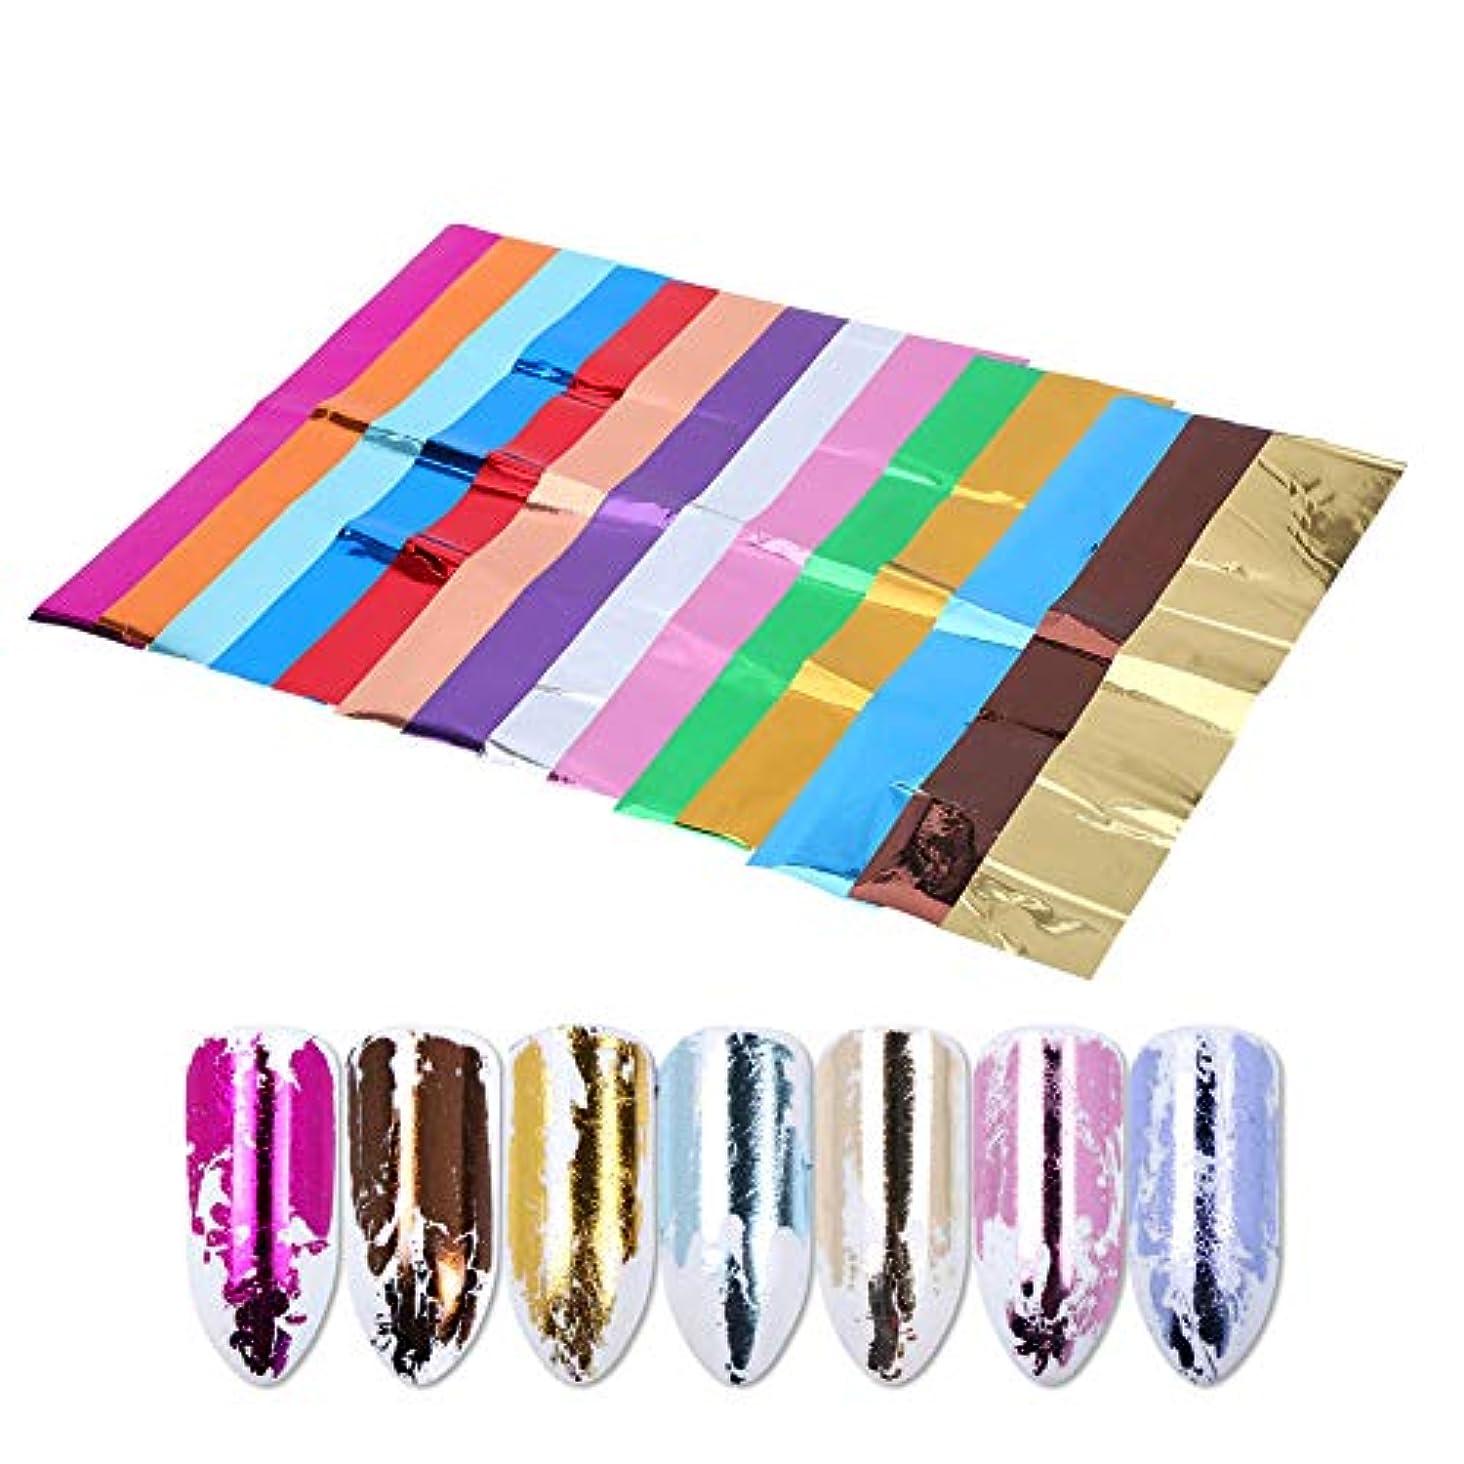 予約アカデミックサイトラインソリッドカラーのネイルアップリケ、偽ネイル用の光沢のある装飾的なステッカーの14個/セット